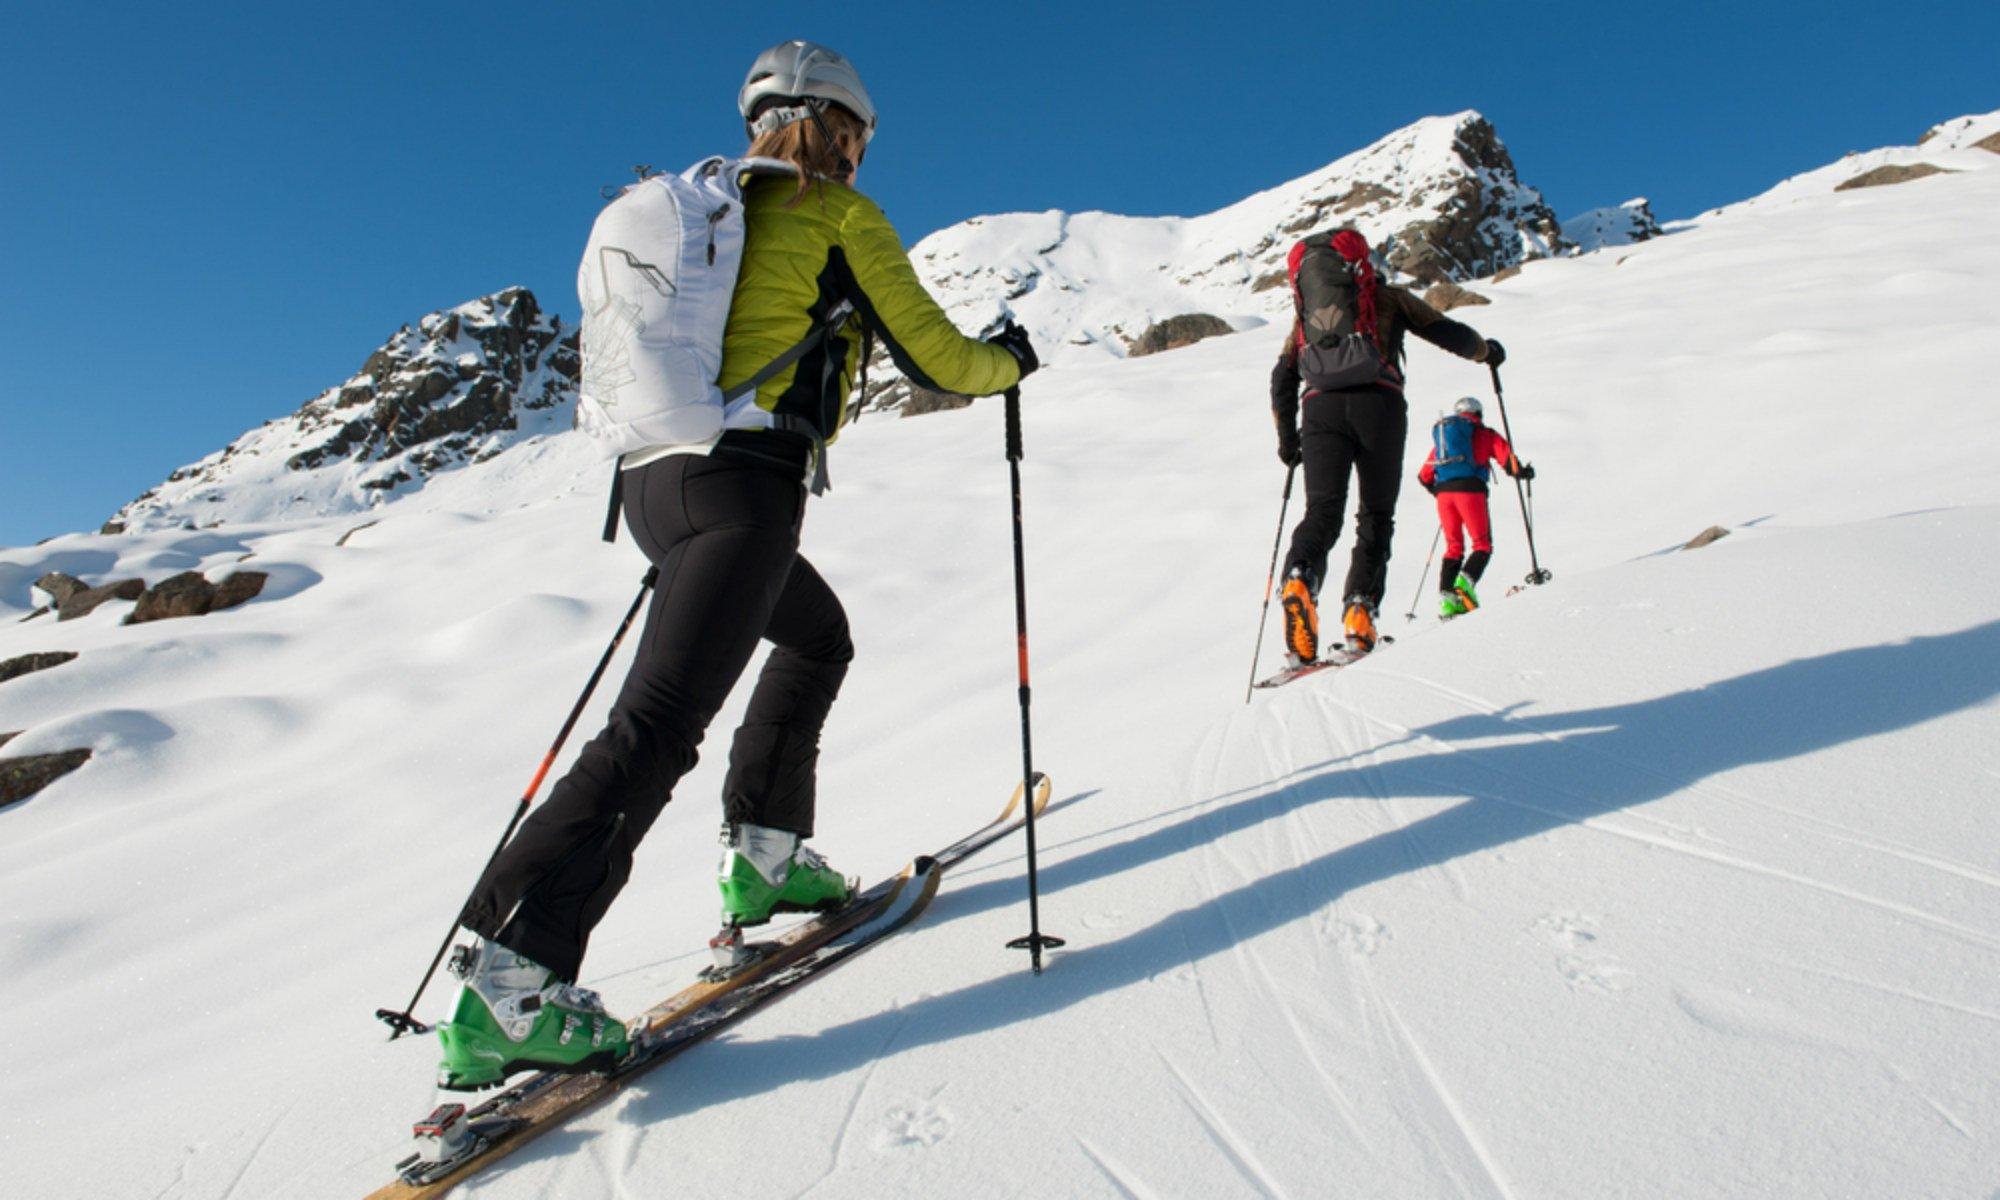 Trois skieurs gravissent une montagne à ski.